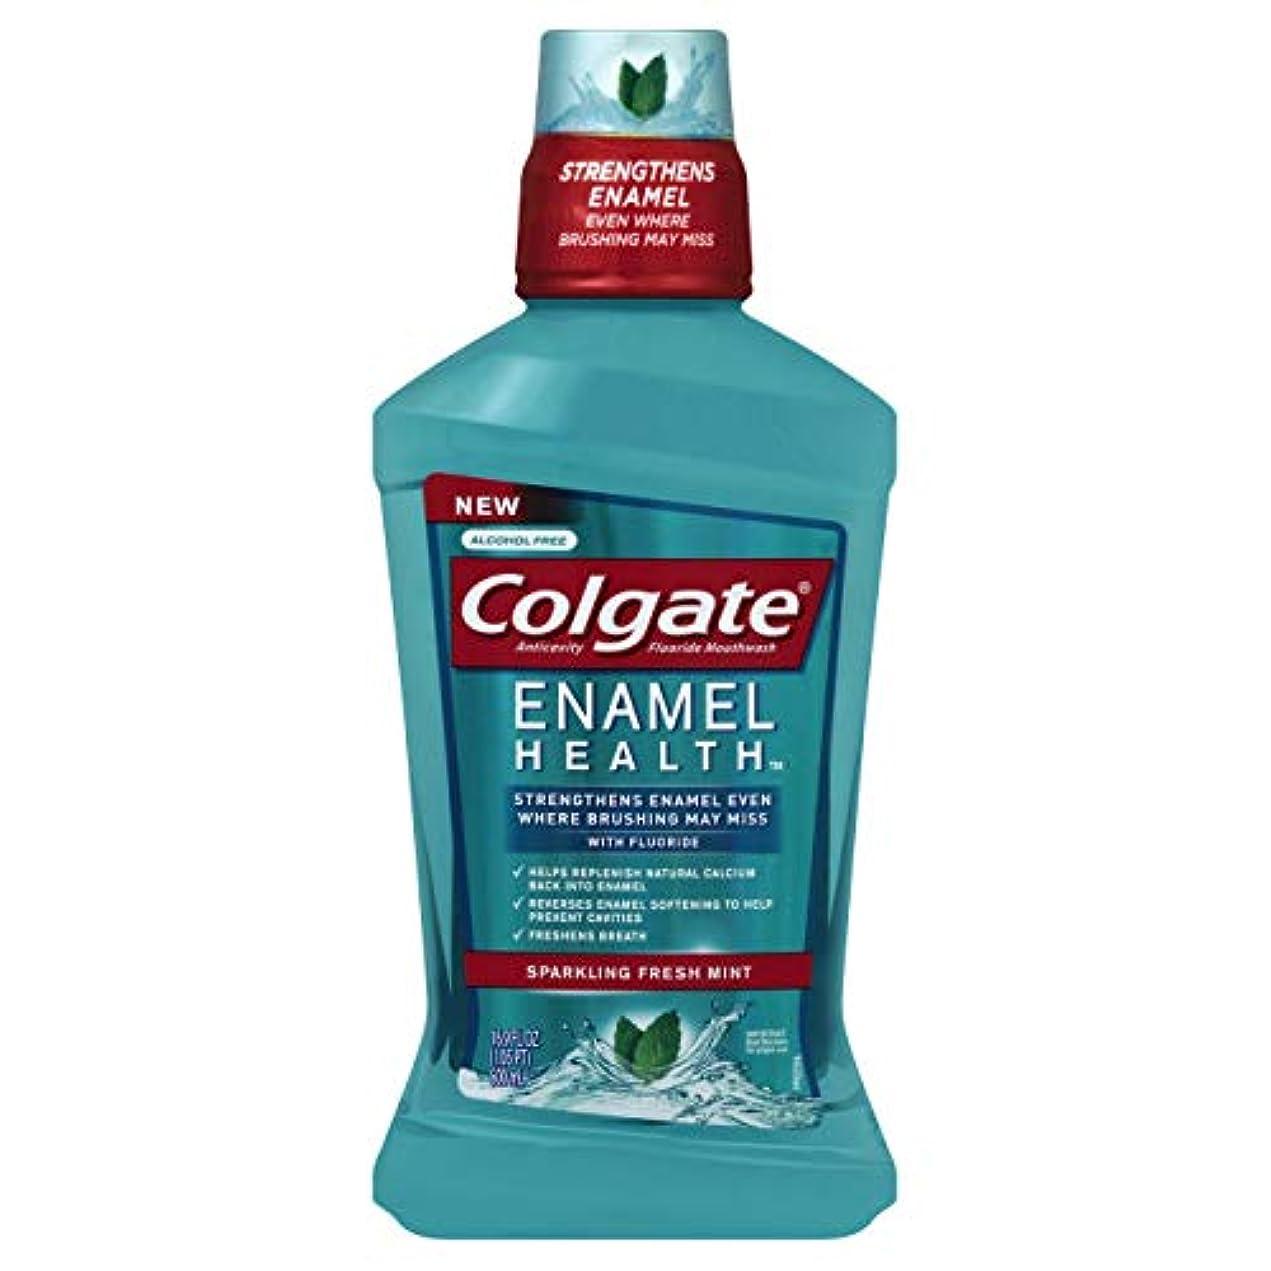 ライナー証言する世界記録のギネスブックColgate エナメル健康スパークリングフレッシュミント虫歯予防フッ素うがい薬、500ミリリットル - 6パック